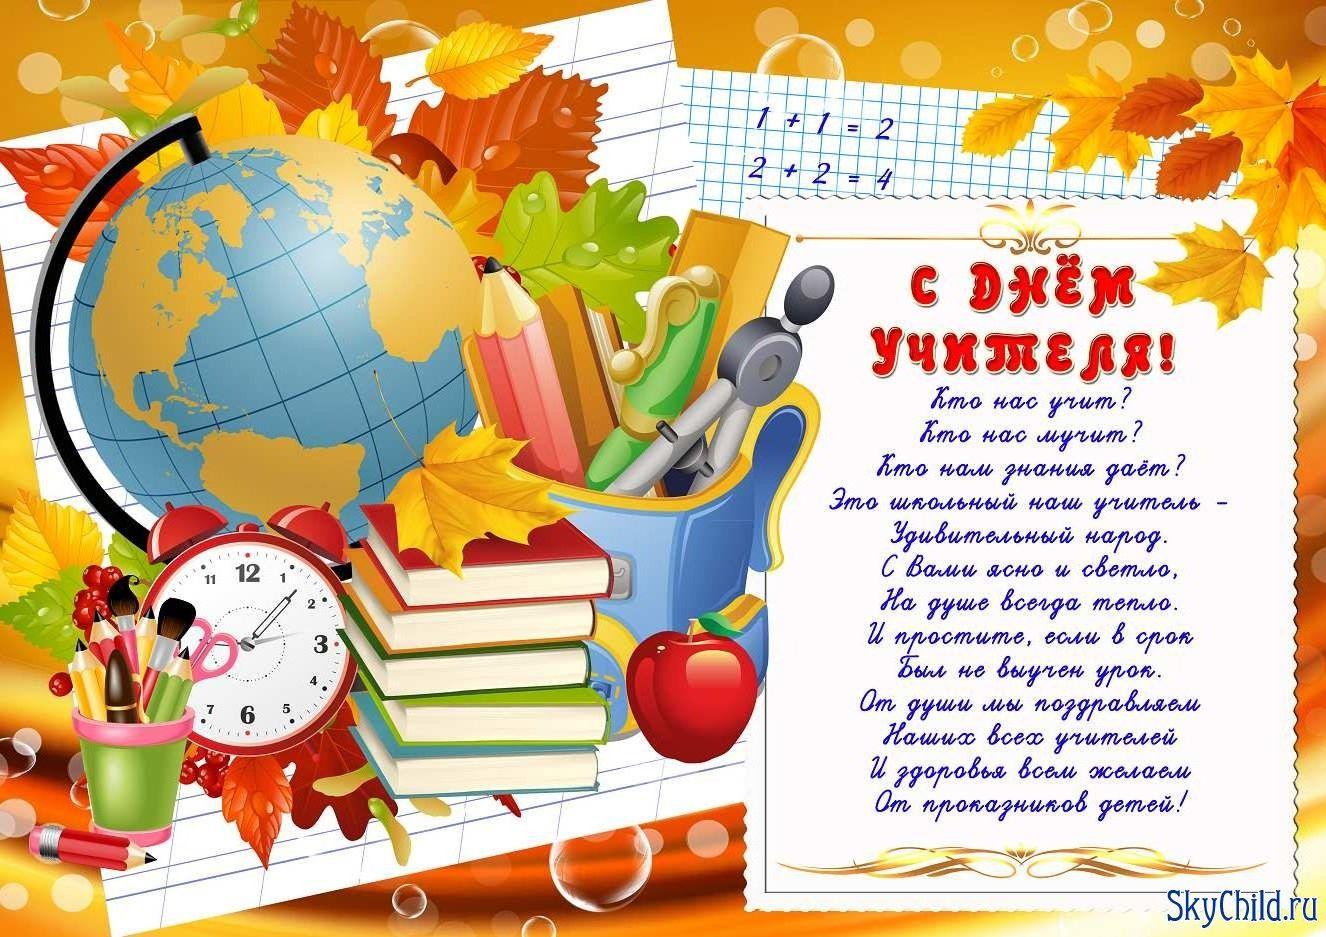 Общее поздравление всех учителей с днем учителя